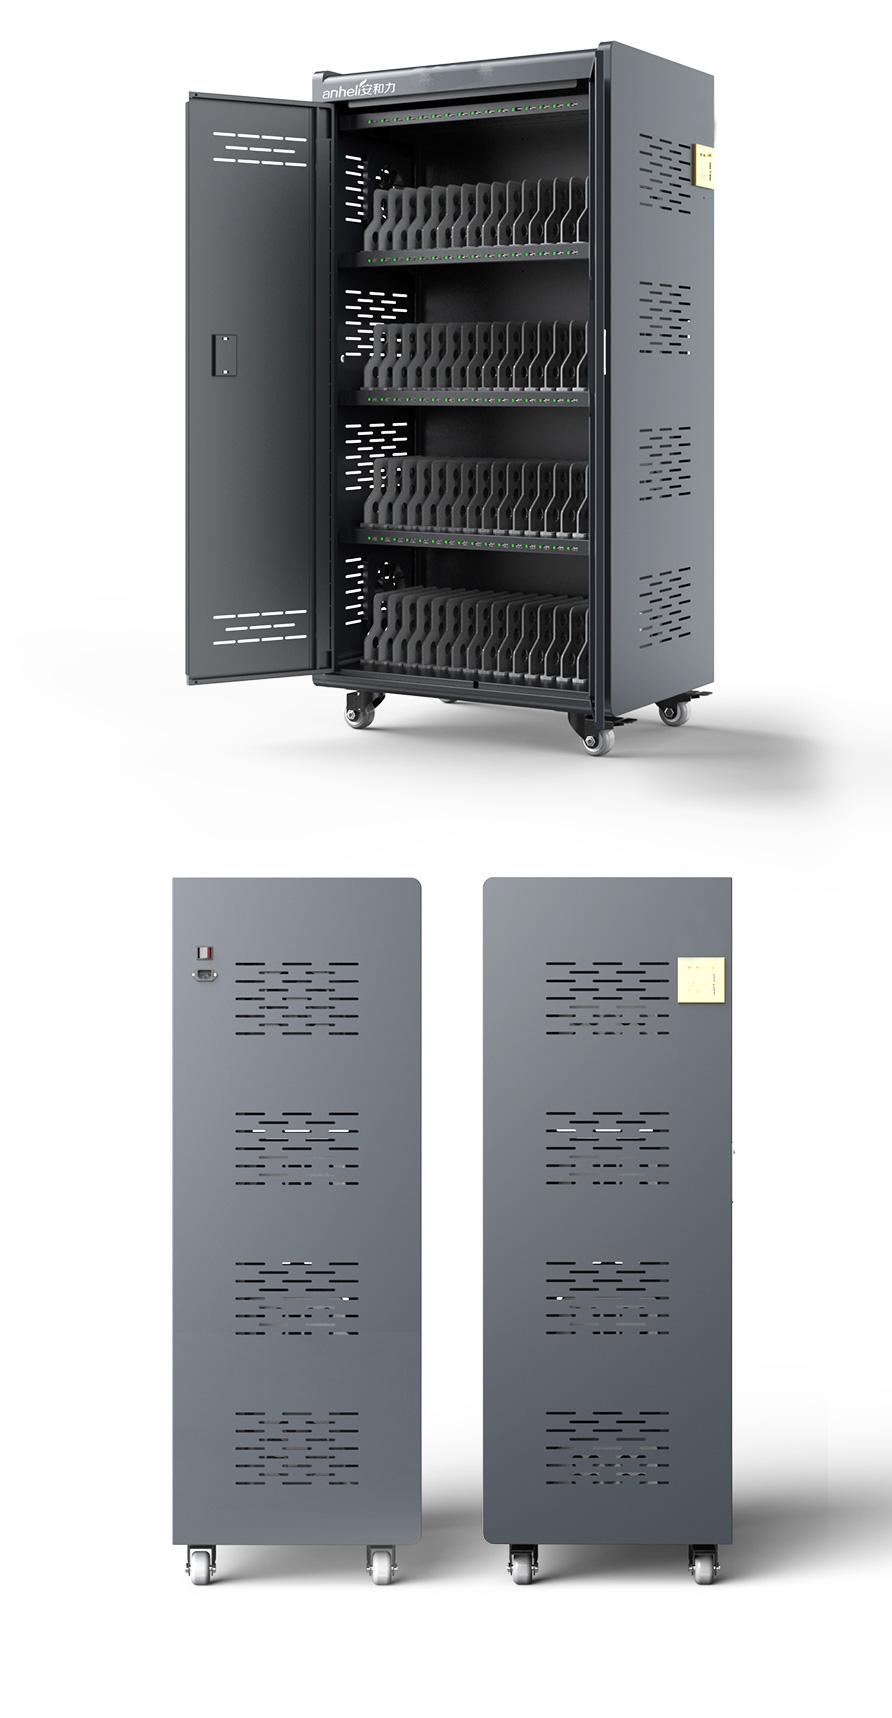 松原学校平板电脑智能充电柜生产厂家?